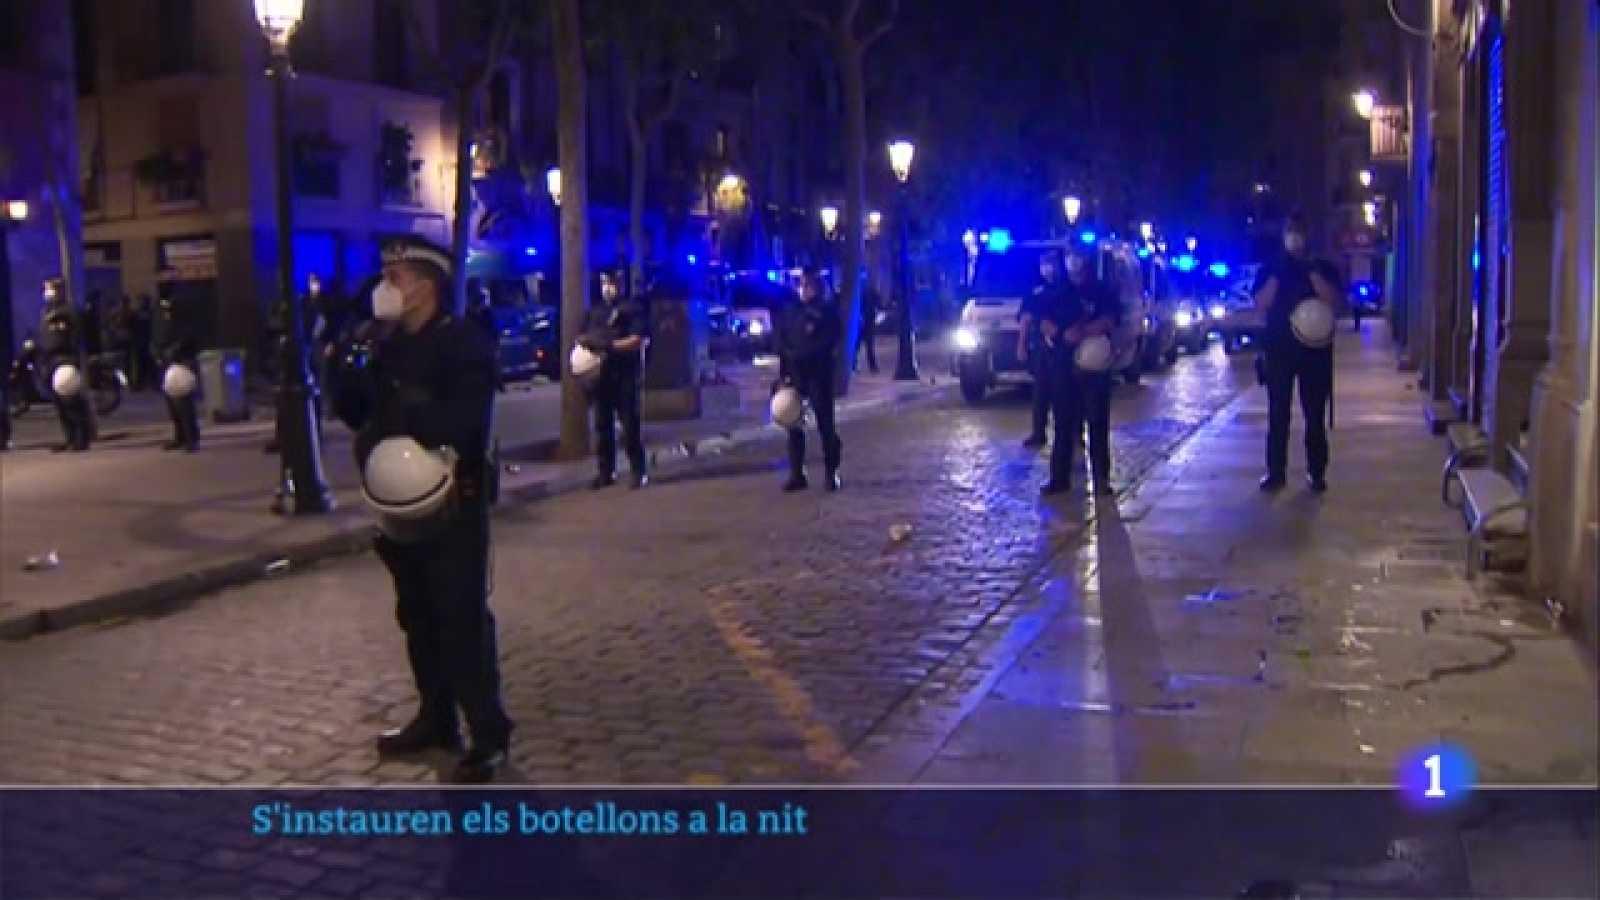 Més de 9.000 desallotjats a Barcelona per fer 'botellons' al carrer